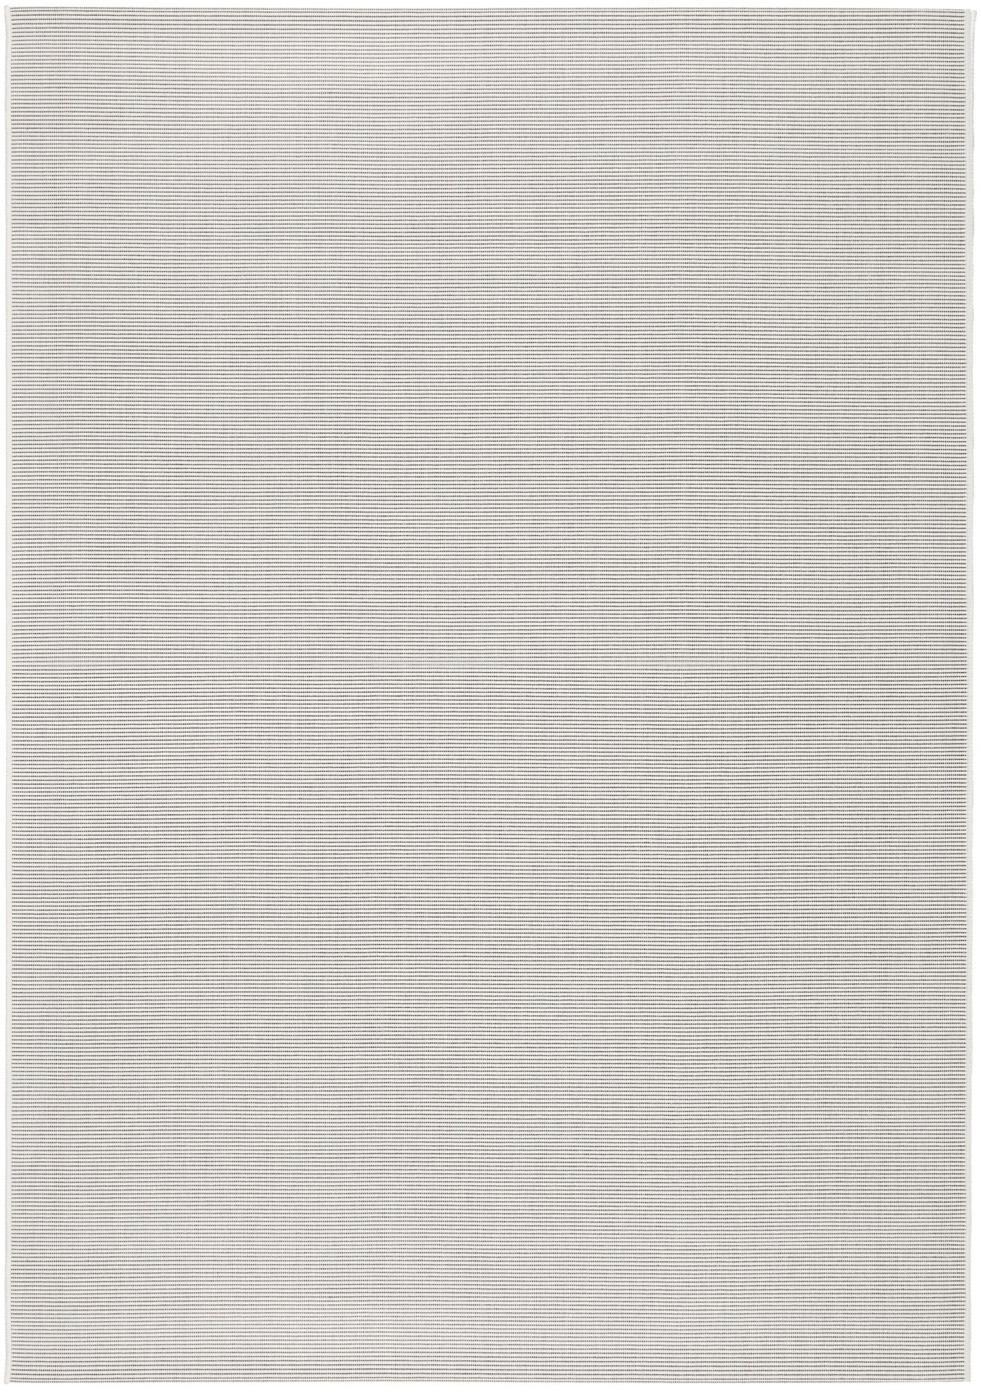 In- & Outdoor-Teppich Metro, 100% Polypropylen, Gebrochenes Weiß, B 120 x L 170 cm (Größe S)